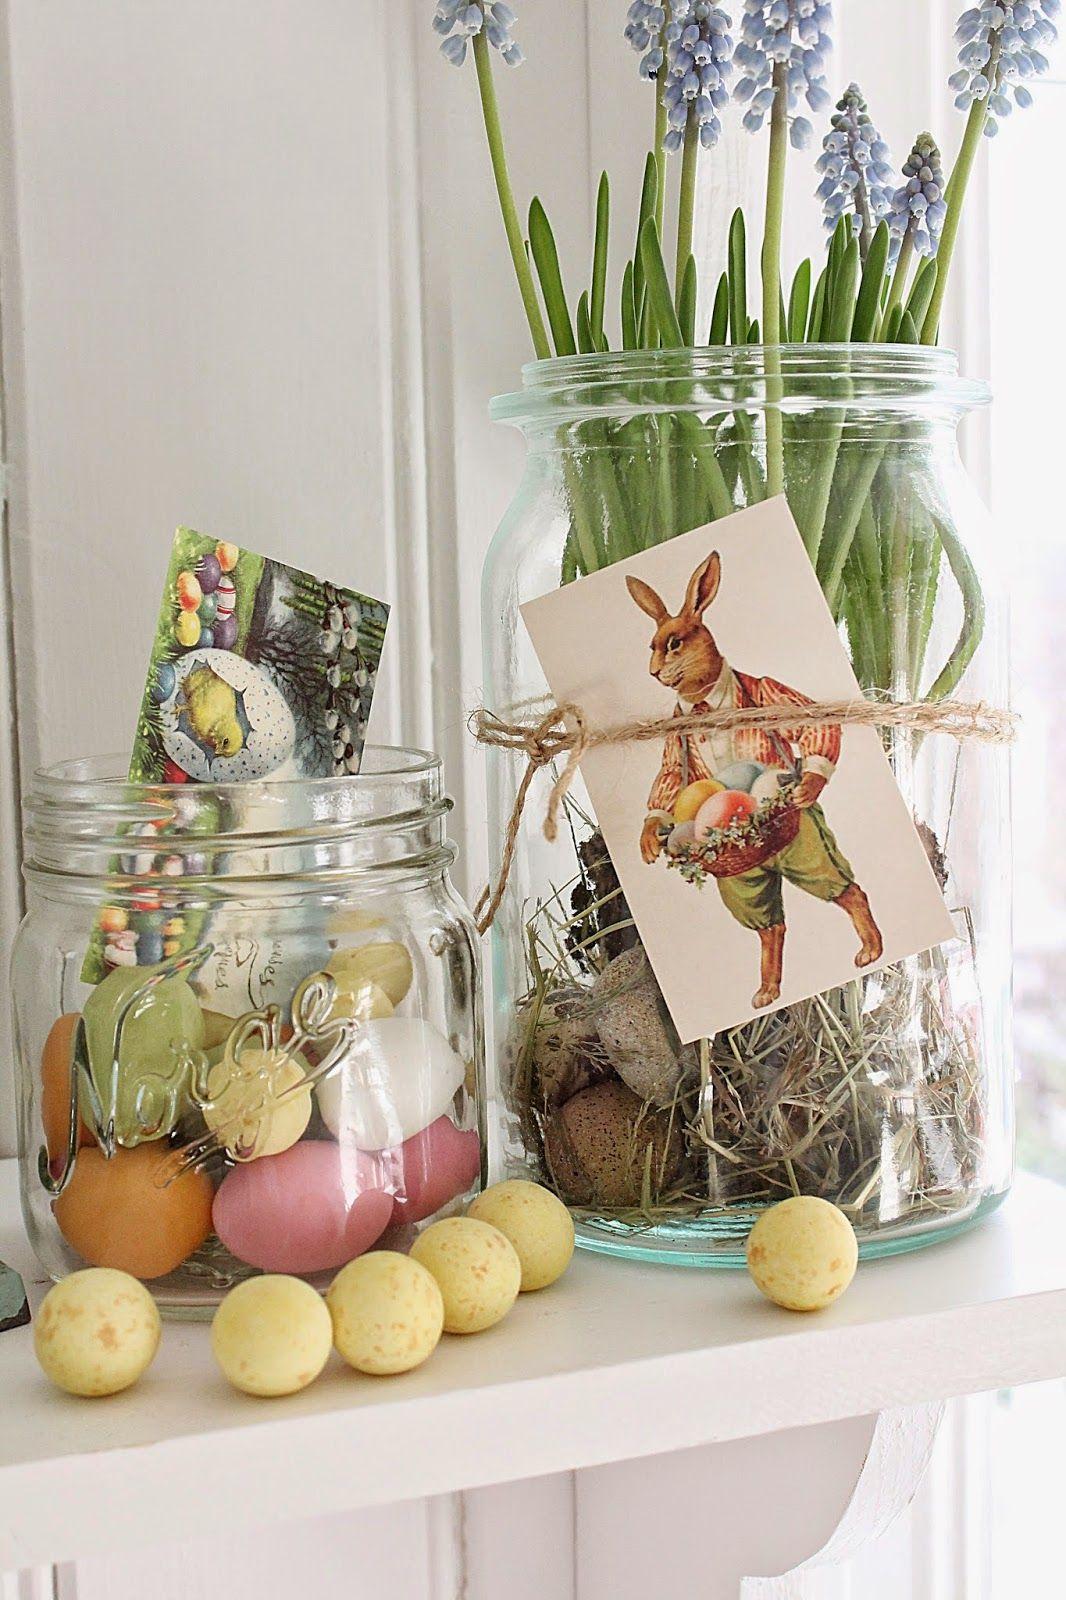 Tolle Gestaltungsideen für Osterdekoration mit Eiern, Einmachgläsern & Blumen #Ostern #diy